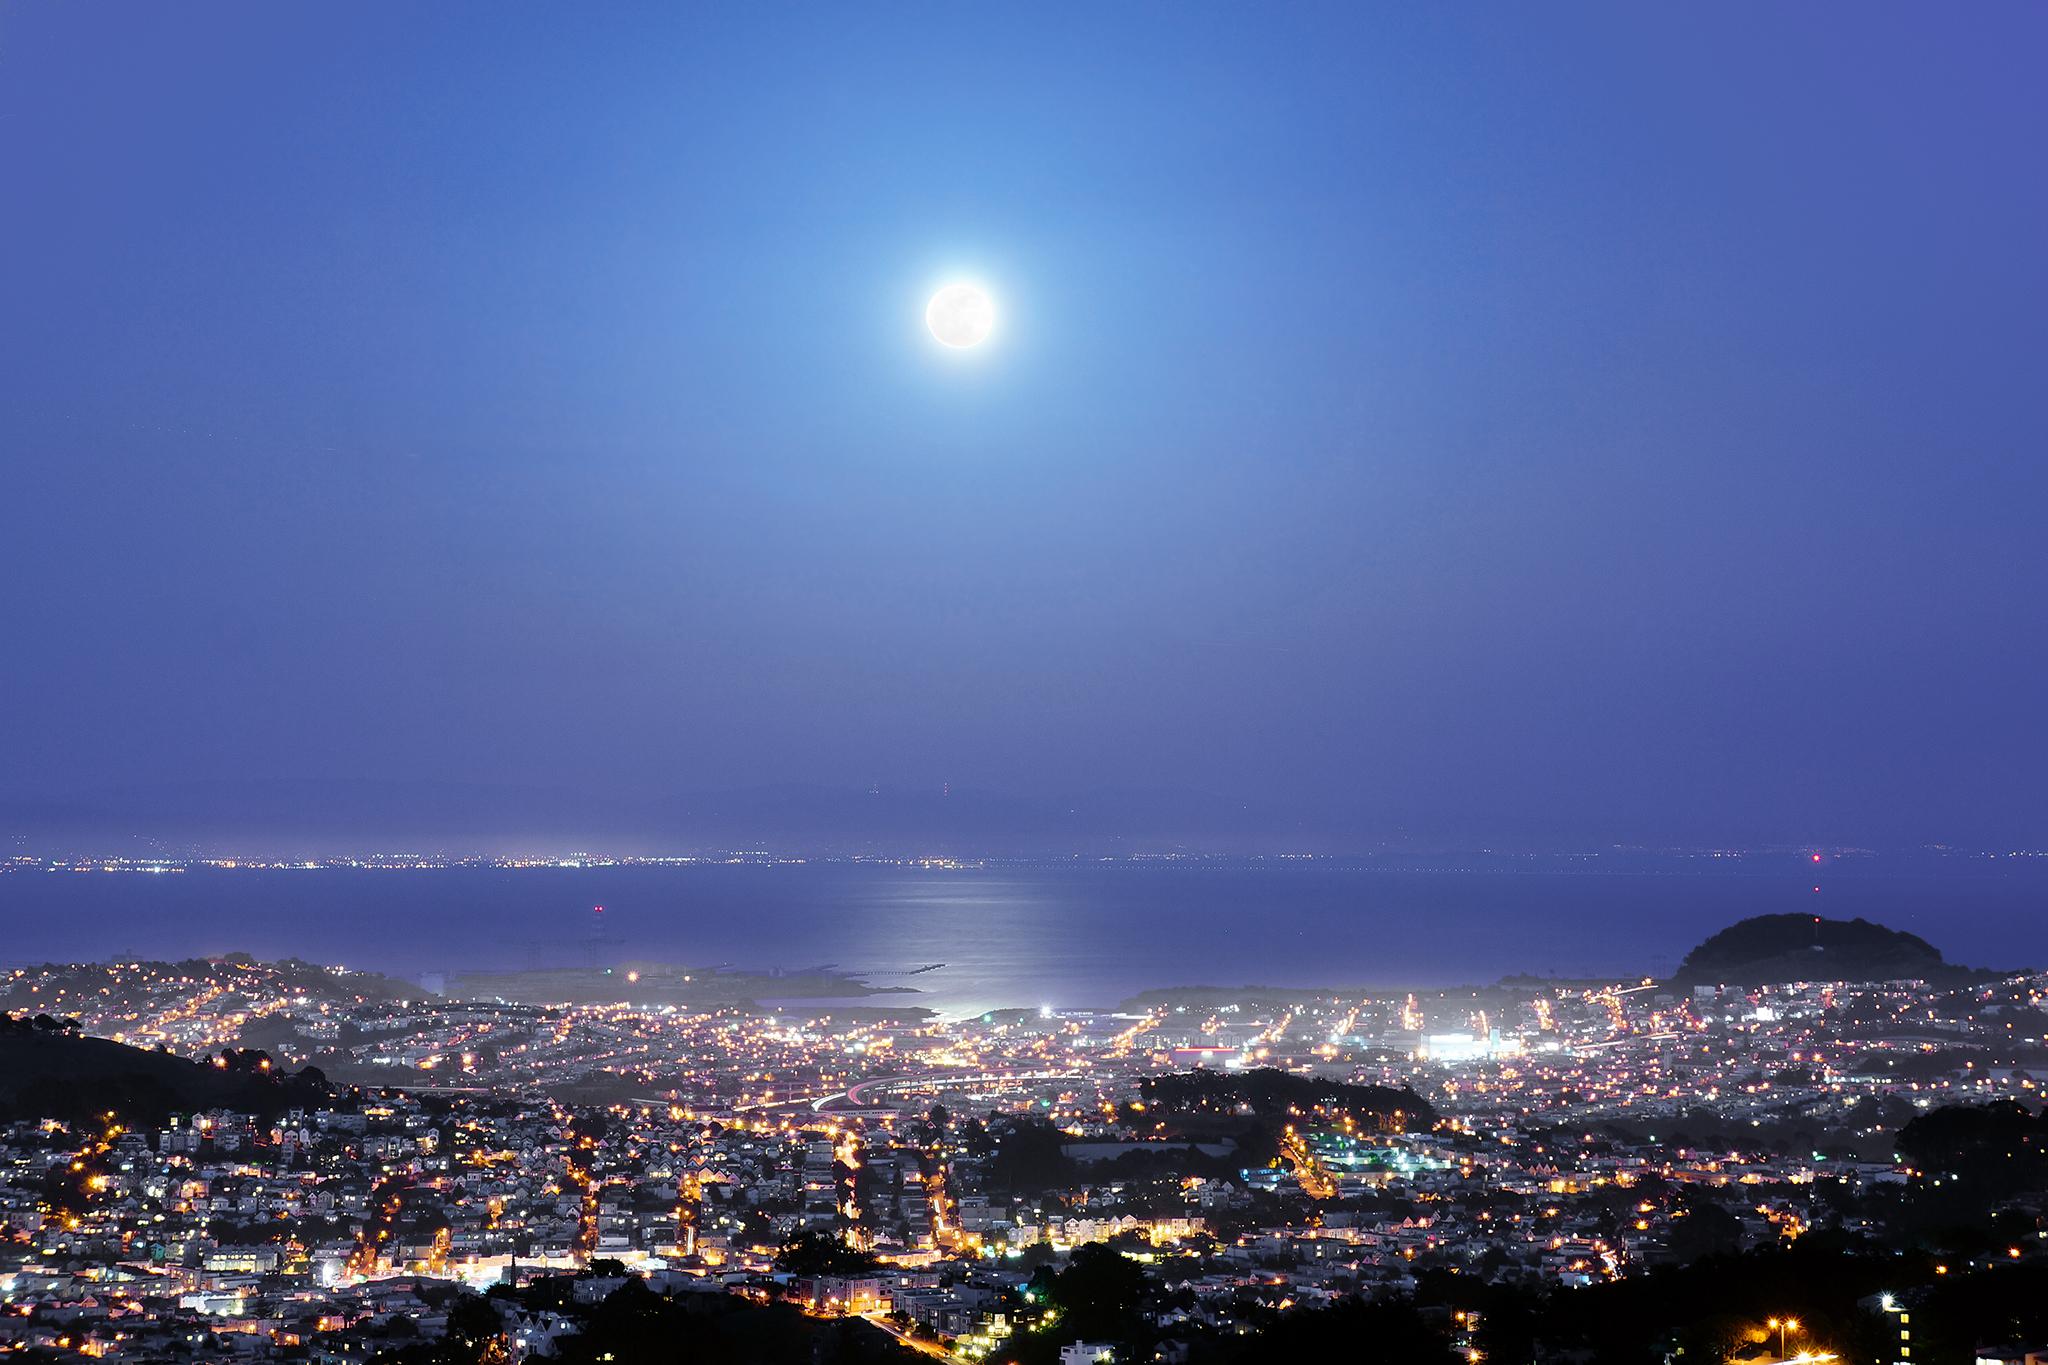 Supermoon Over San Francisco